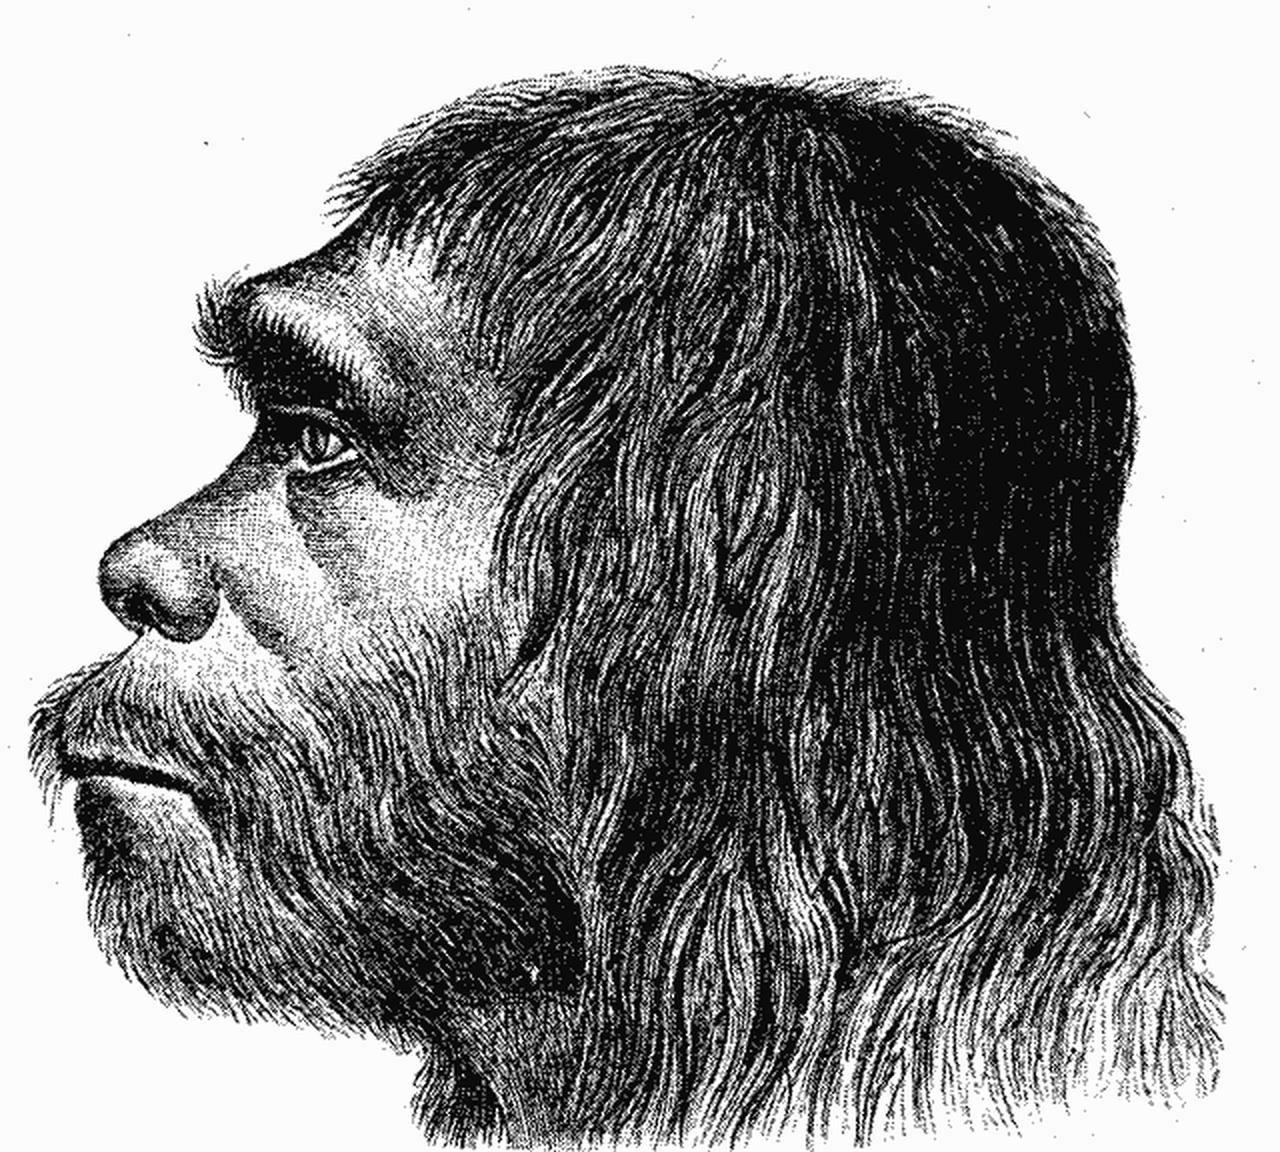 Ну, очень особая диета: 10 реальных примеров каннибализма среди людей история,наука